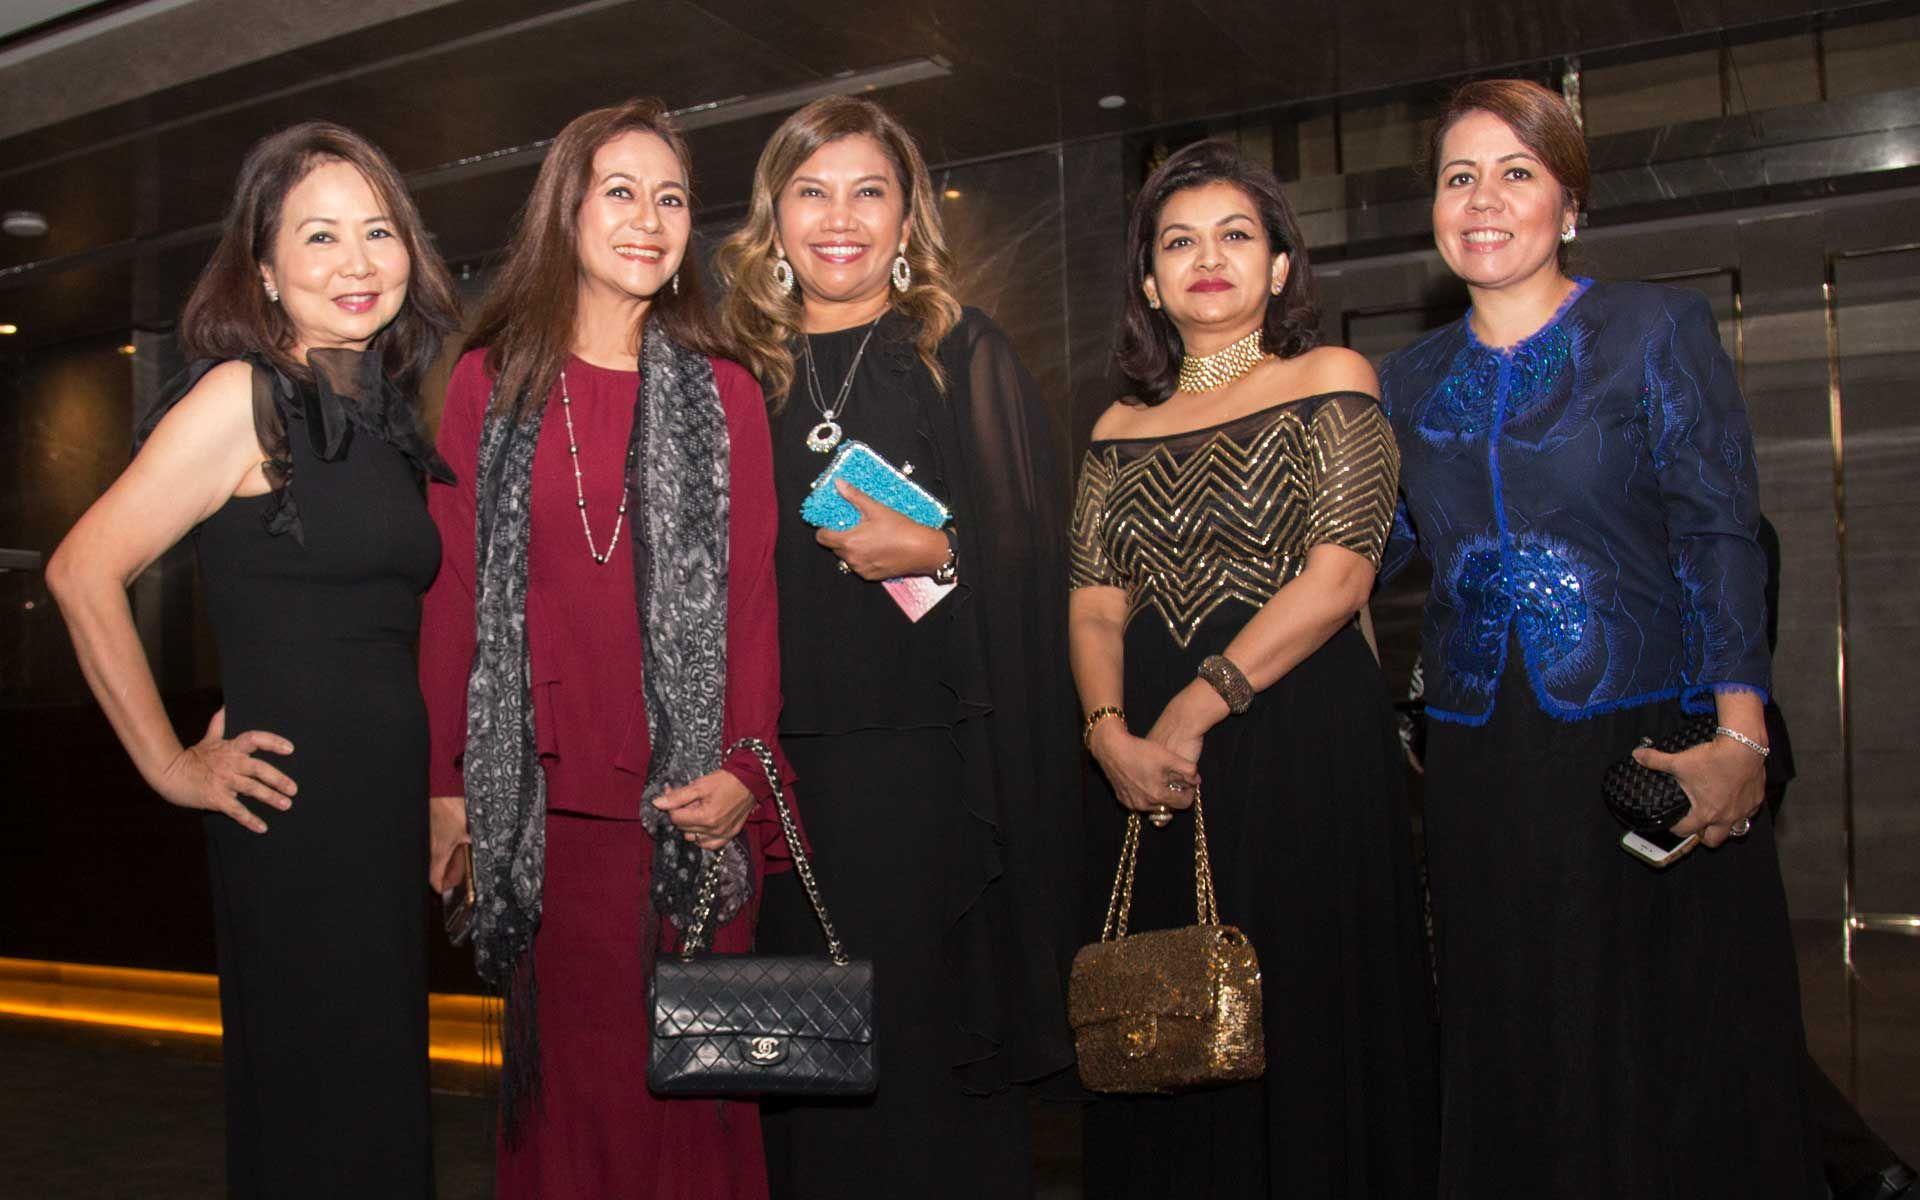 Noni Nordin, Dato' Zaha Rina Zahari, Datin Alissa Fitri, Datin Usha Nair and Datin Lisa Mokhlis